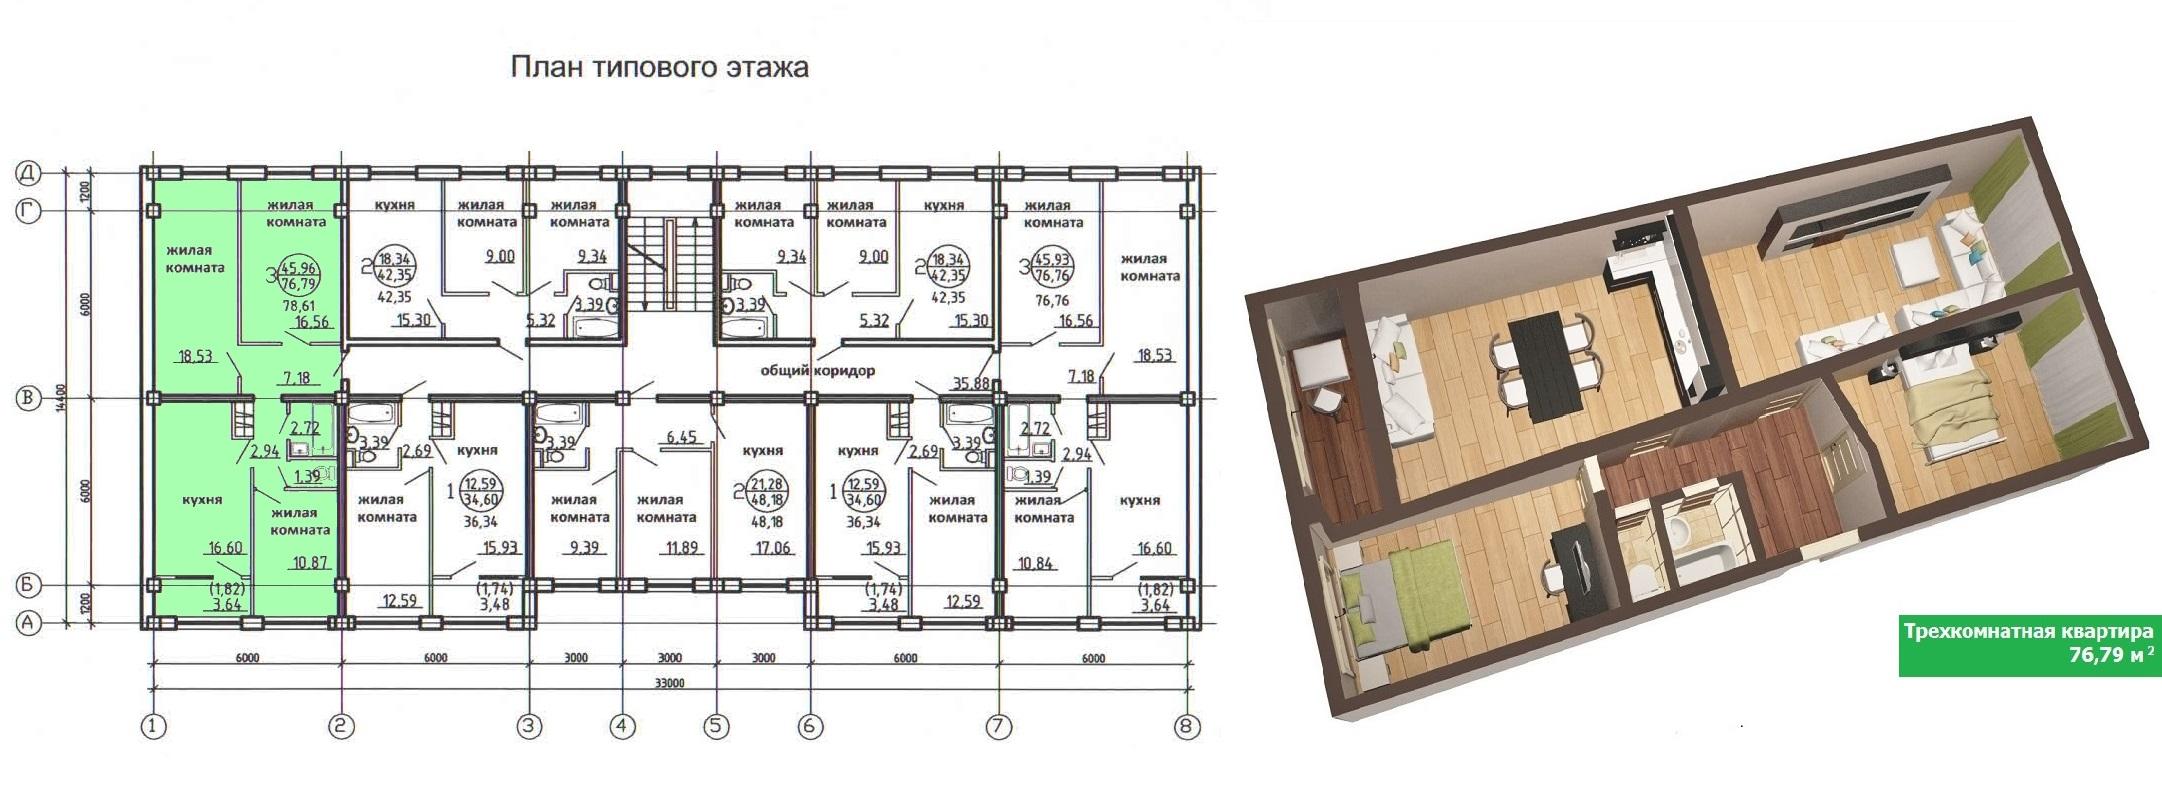 Схема квартир в доме 137